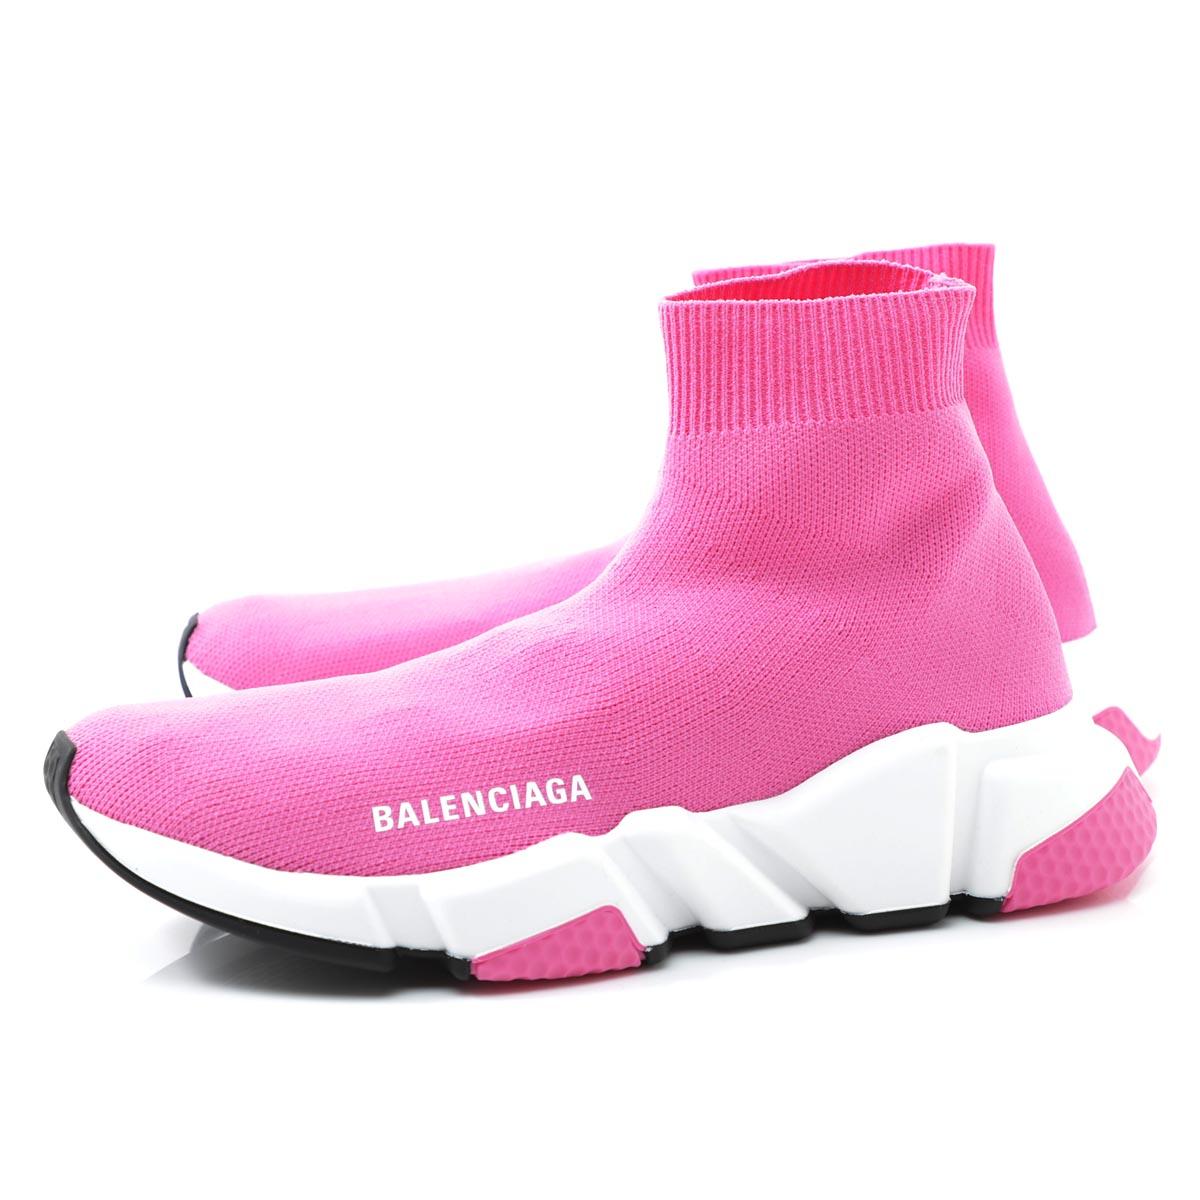 バレンシアガ BALENCIAGA スニーカー ピンク レディース カジュアル 大きいサイズあり 587280 w1721 5000 SPEED TRAINER スピードトレーナー【あす楽対応_関東】【返品送料無料】【ラッピング無料】